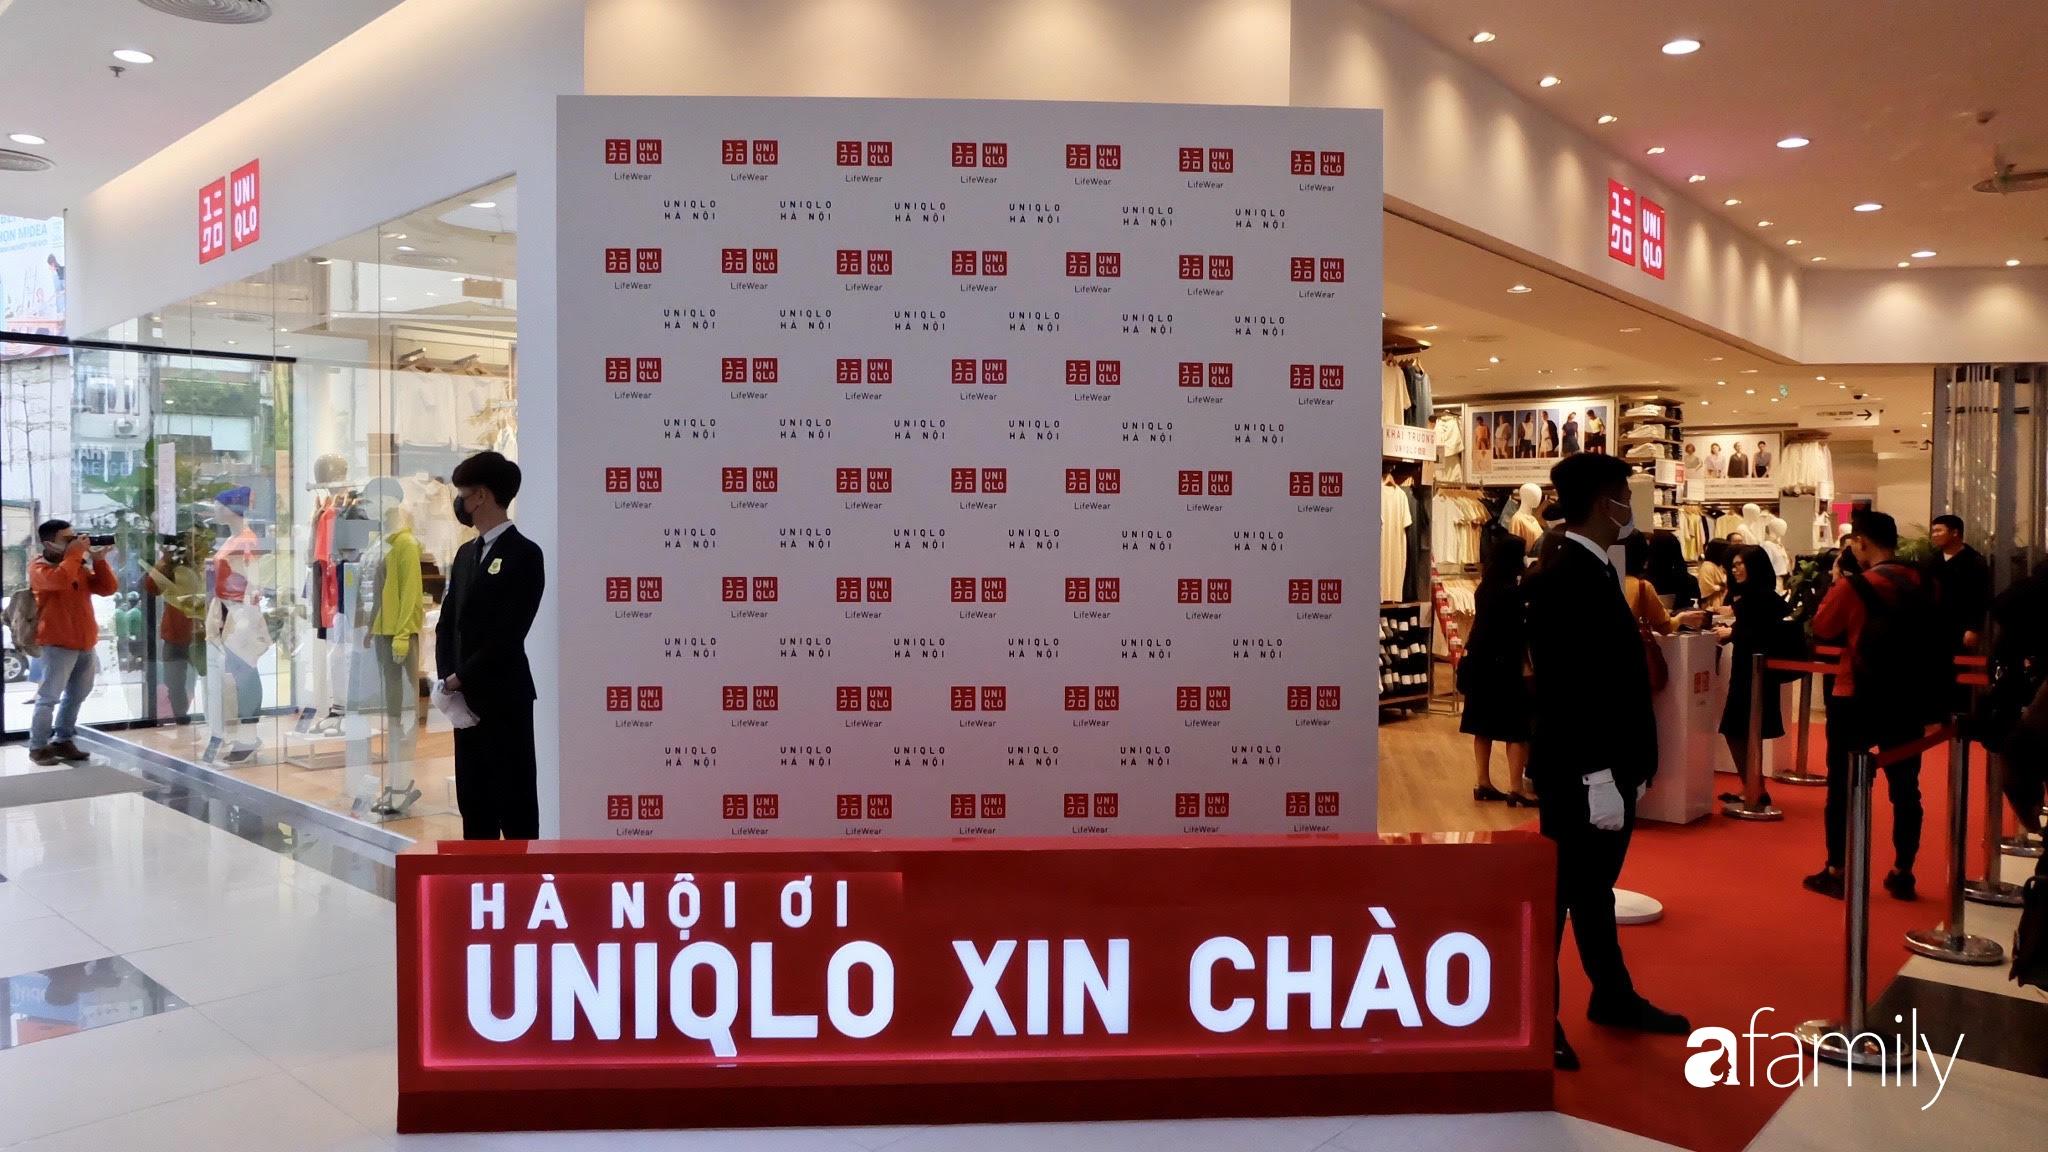 """Trước ngày khai trương, Uniqlo lộ không gian mua sắm hơn 2500 met vuông với hoạt item ưu đãi chờ các tín đồ """"bóc tem"""" vào ngày mai - Ảnh 1."""